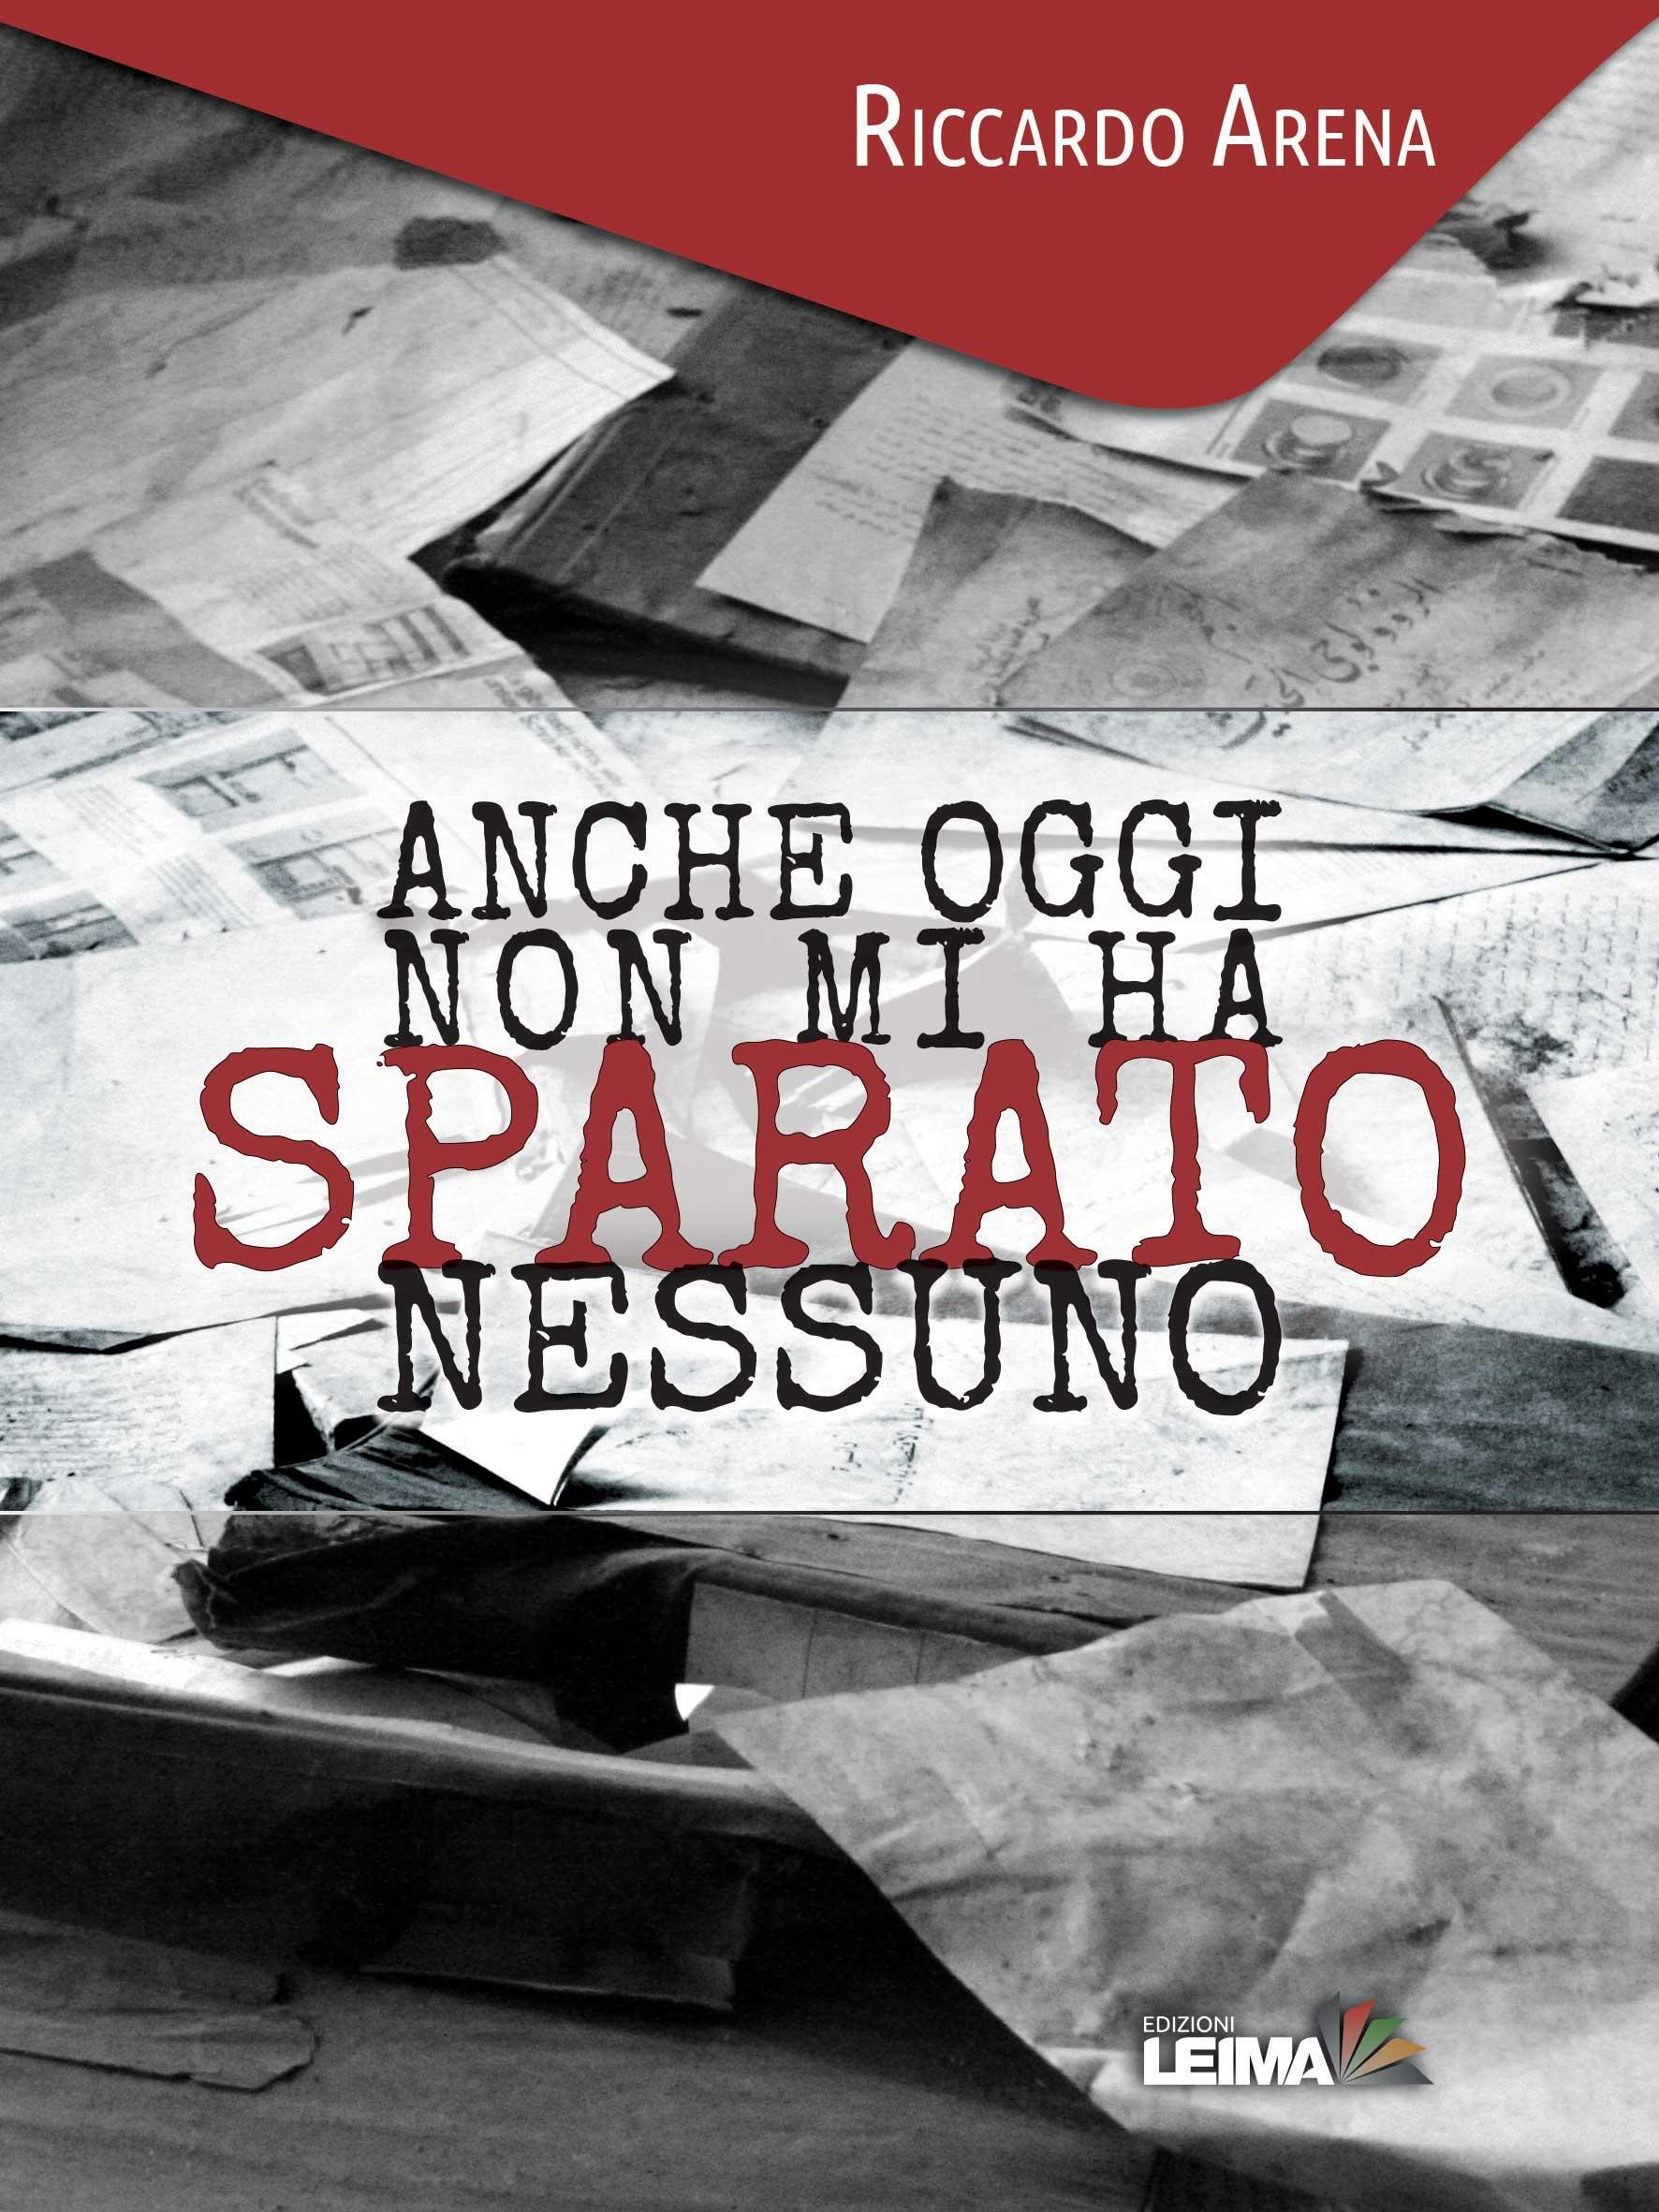 'Anche oggi non mi ha sparato nessuno', il libro di Riccardo Arena presentato a Cortona